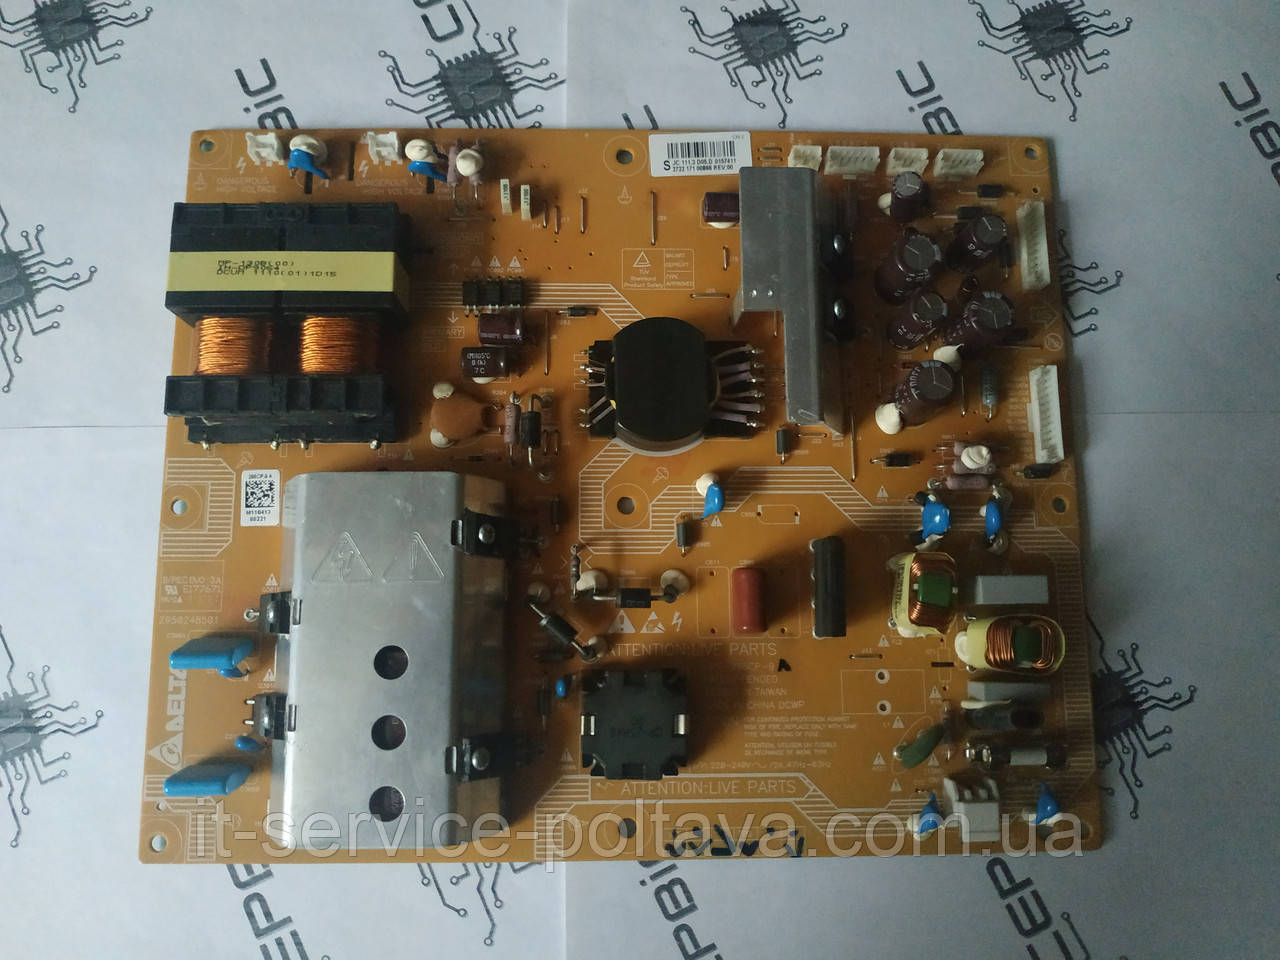 Модуль (блок) живлення Dps-298Cp-9 2950248501